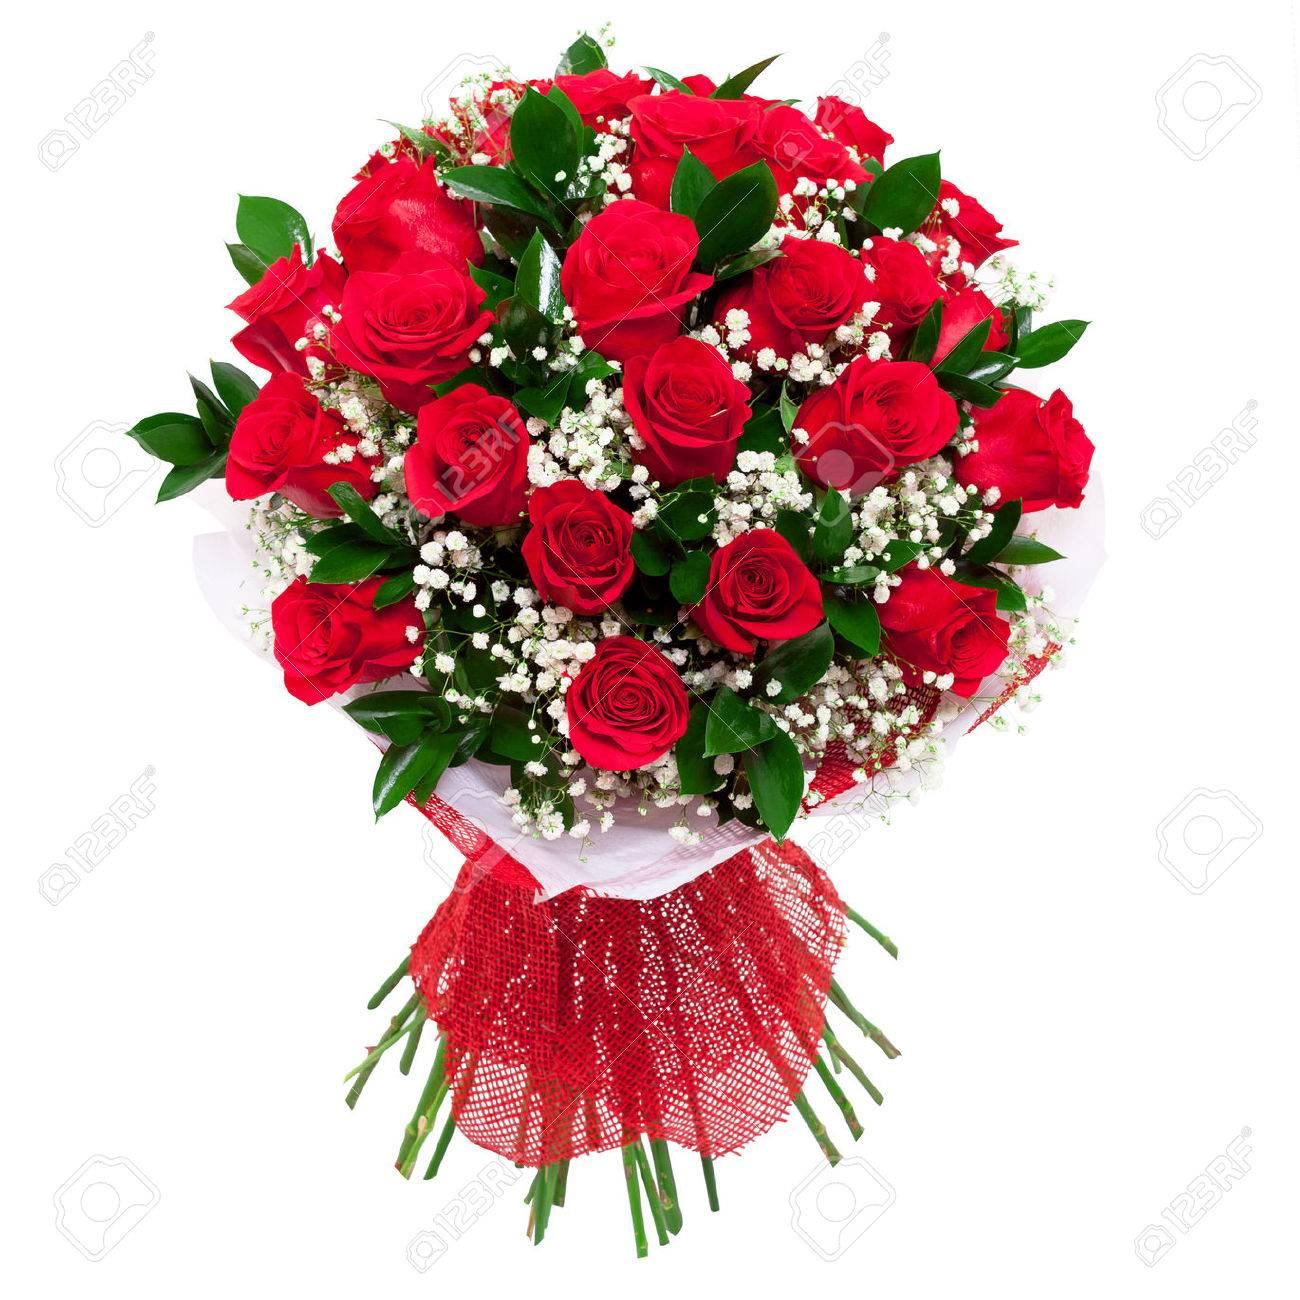 Bouquet De Roses Rouges Saturés Vives Un Cadeau Pour Une Femme Pour L Anniversaire La Saint Valentin